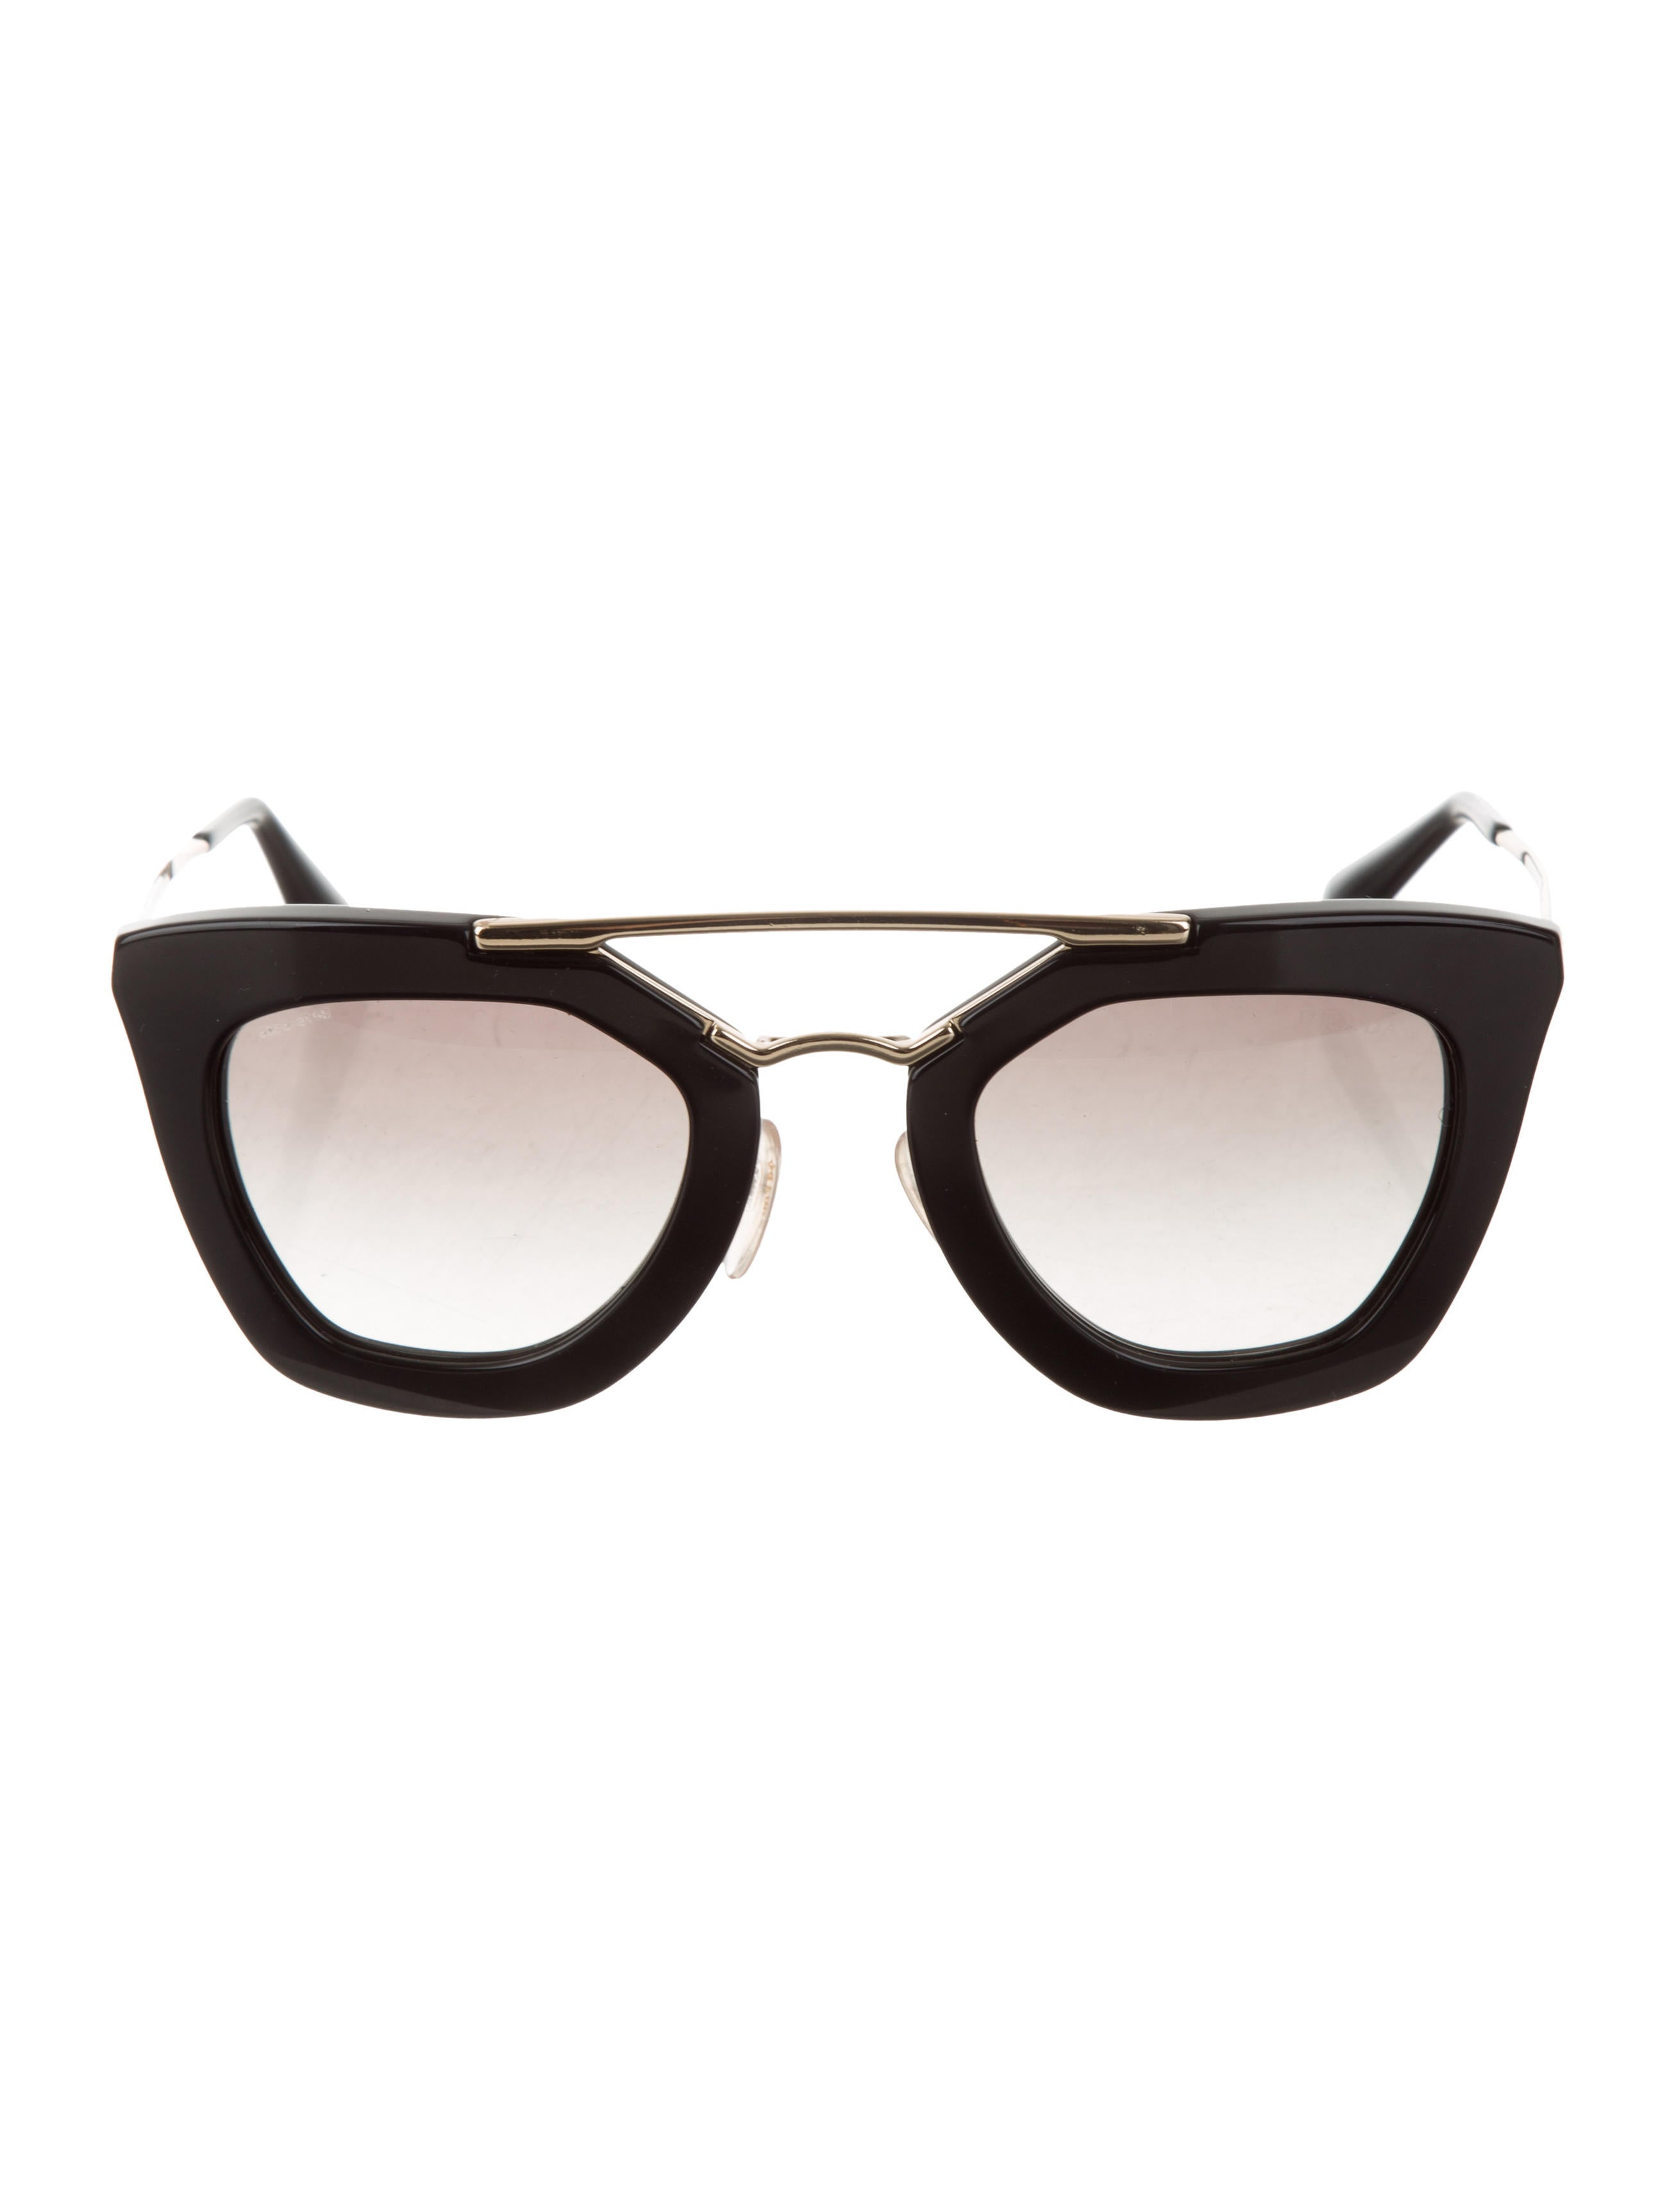 4af0c1f60cc8 Prada Oversize Gradient Sunglasses - Accessories - PRA277768